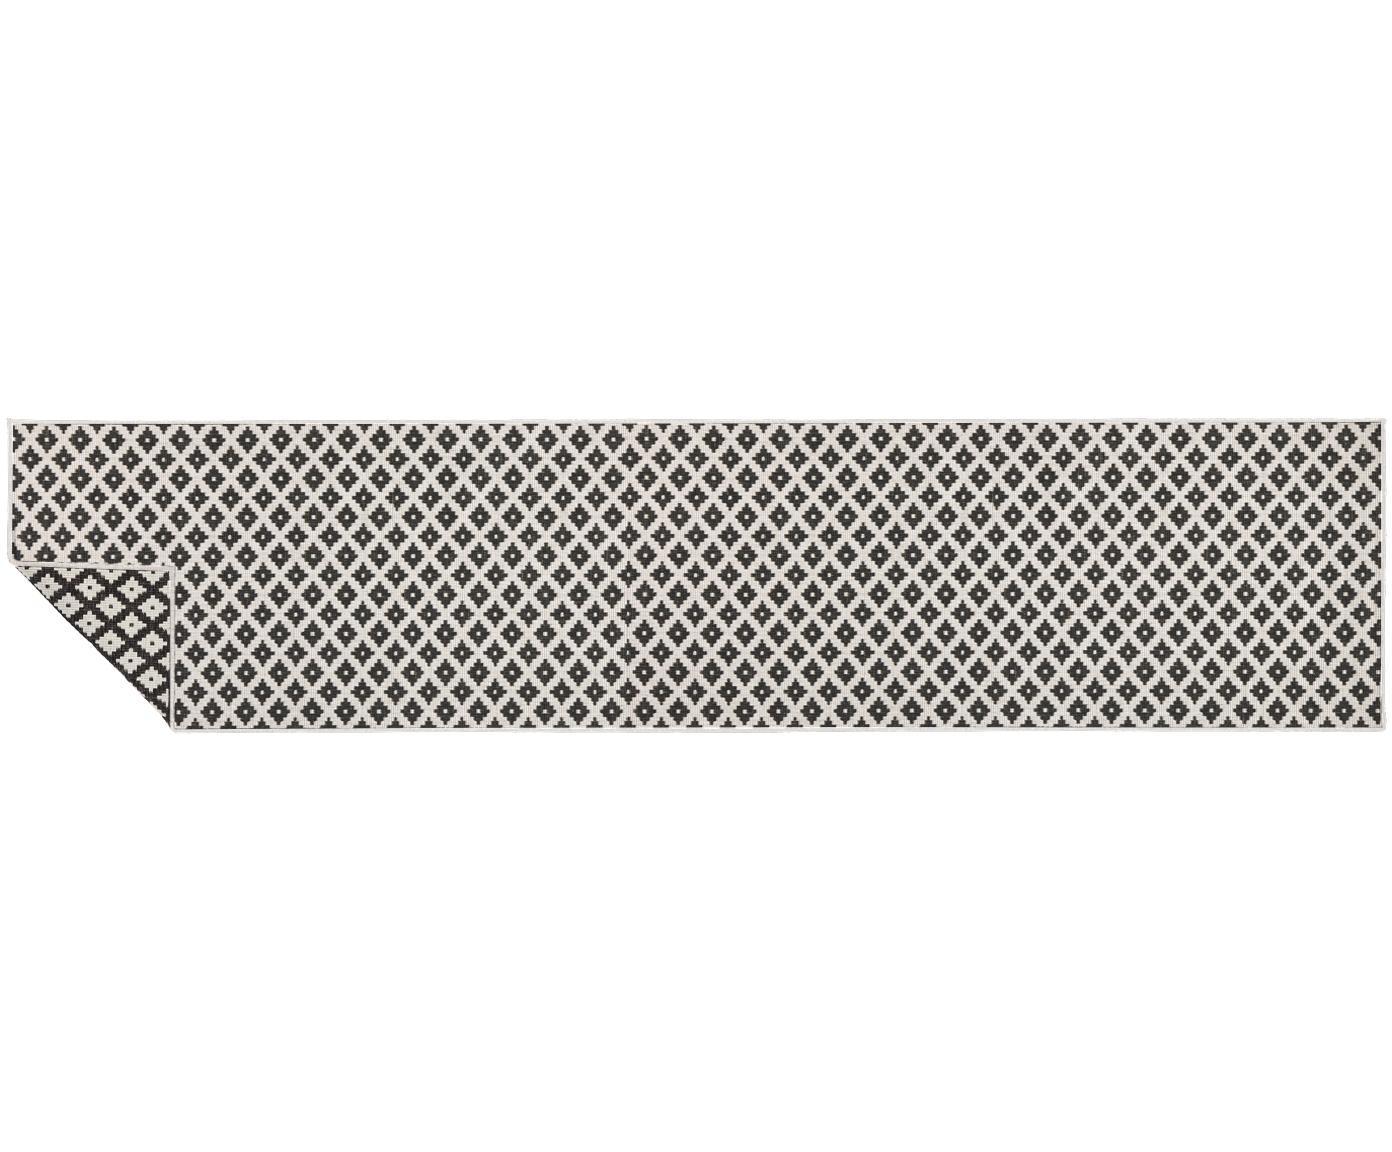 Alfombra reversible de interior/exterior Nizza, Negro, crema, An 80 x L 350 cm